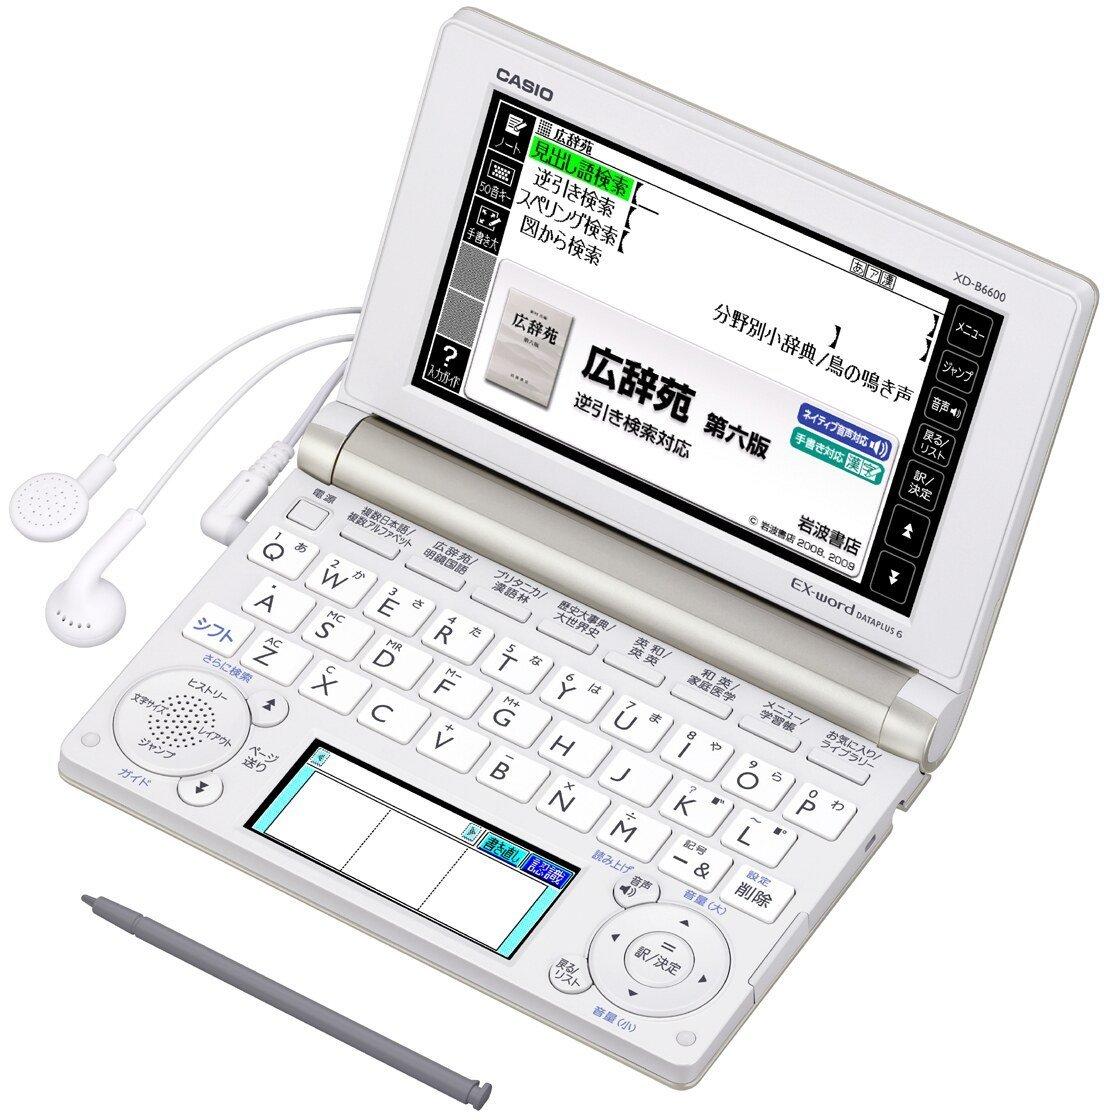 CASIO Ex-word 電子辞書 一般総合モデル(生活教養) シャンパンゴールド 110コンテンツ 1000文学作品 クラシック1000フレーズ収録 ツインカラー液晶 EX-VOICE機能 タフパワー 学習帳機能搭載 XD-B6600GD B005GLY4NW